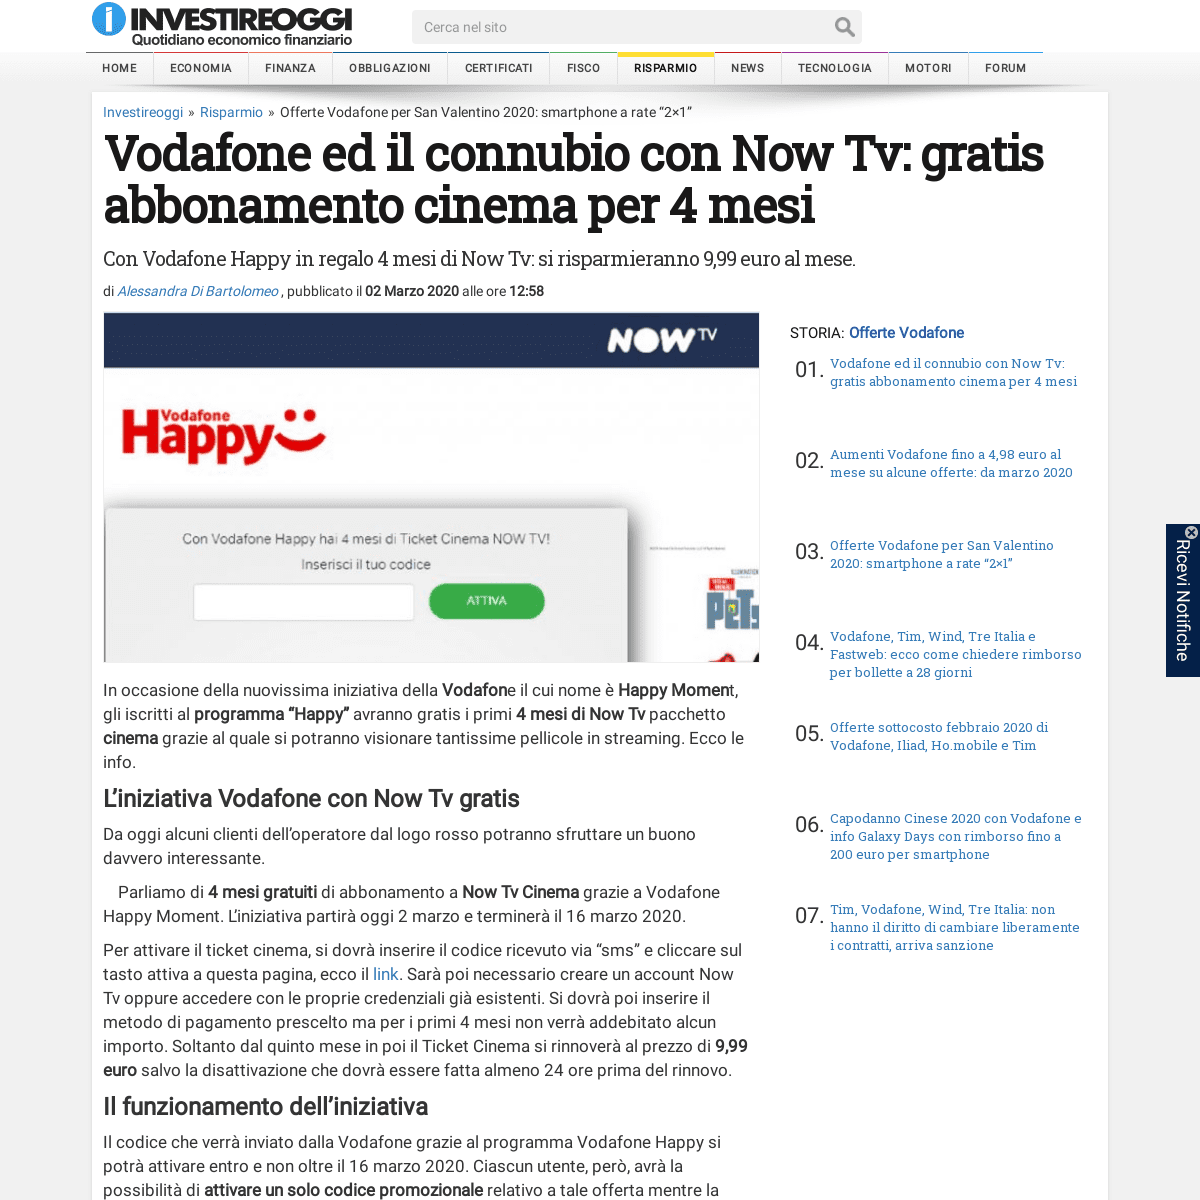 Vodafone ed il connubio con Now Tv- gratis abbonamento cinema per 4 mesi - InvestireOggi.it